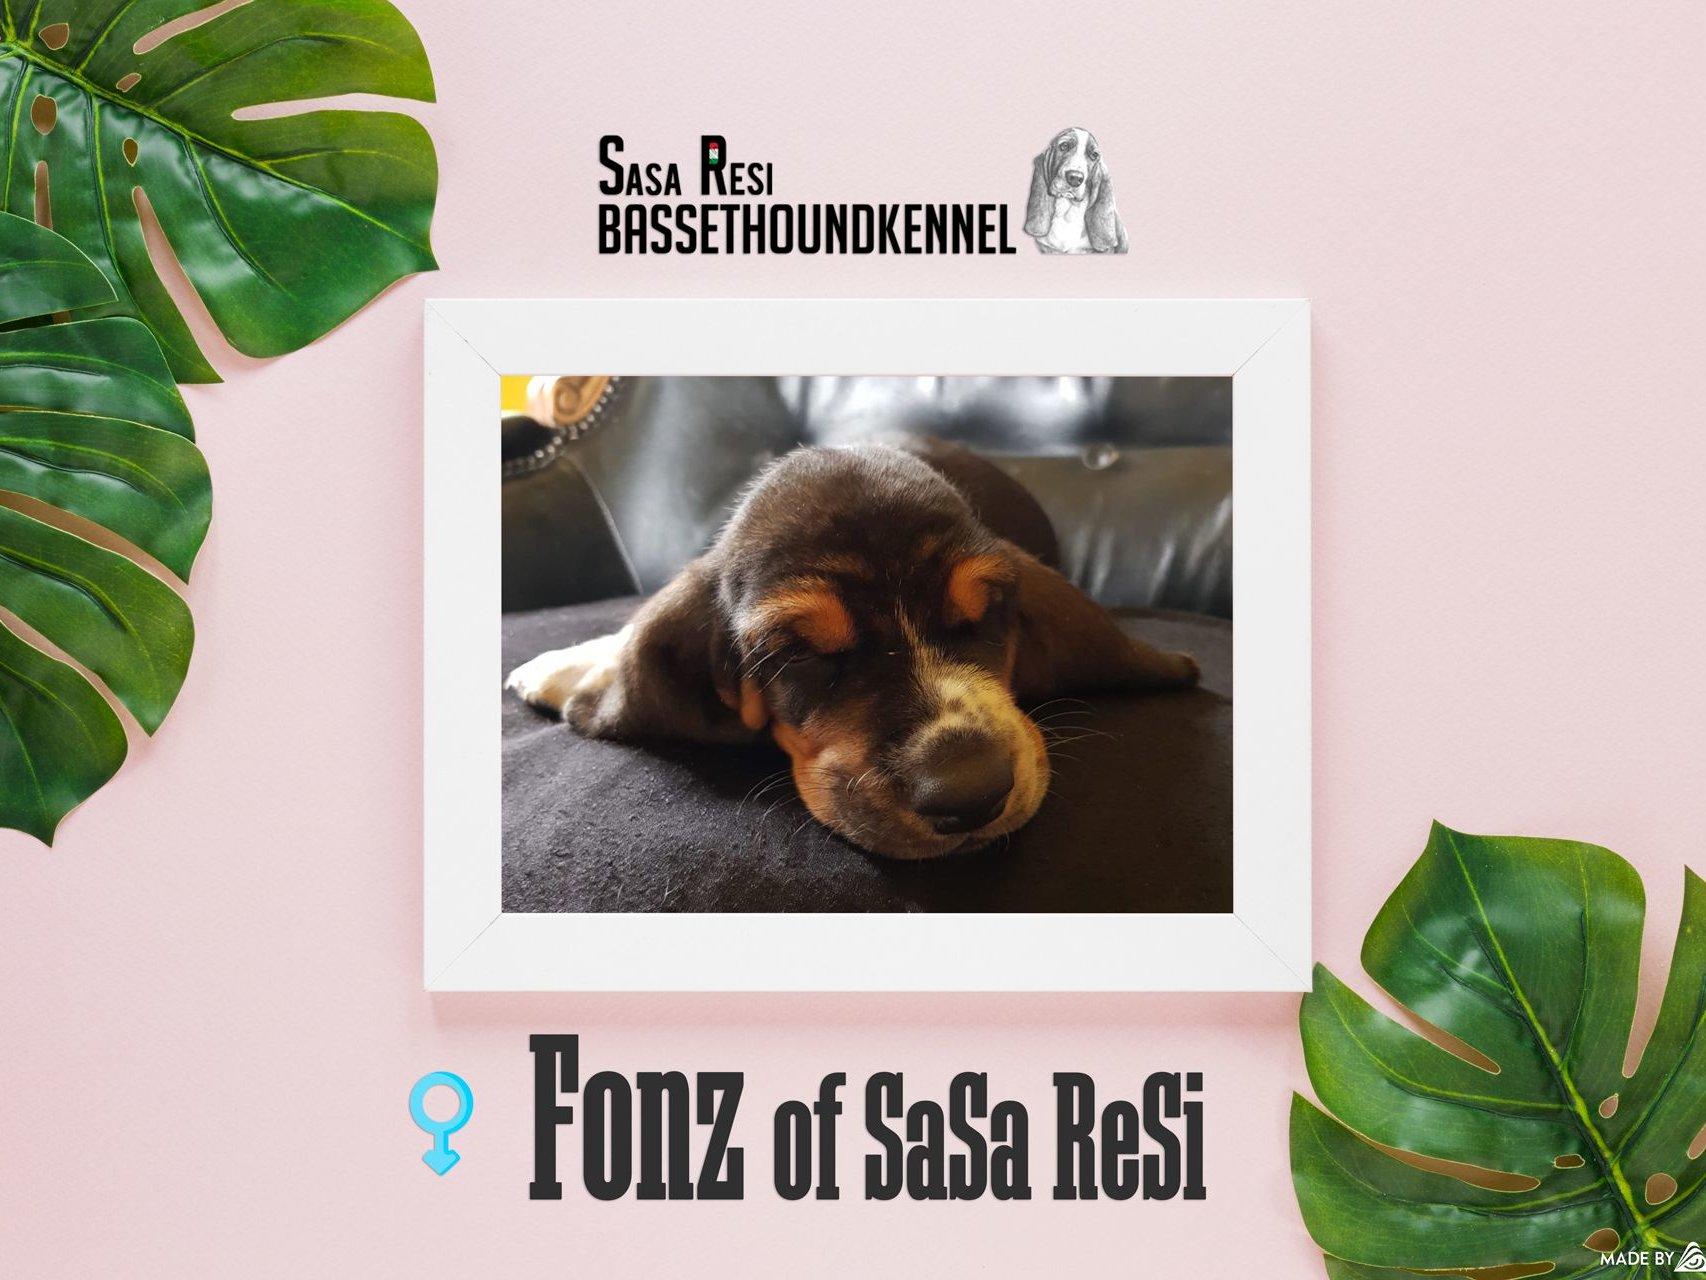 fonz 1 uai SaSa ReSi Bassethoundkennel